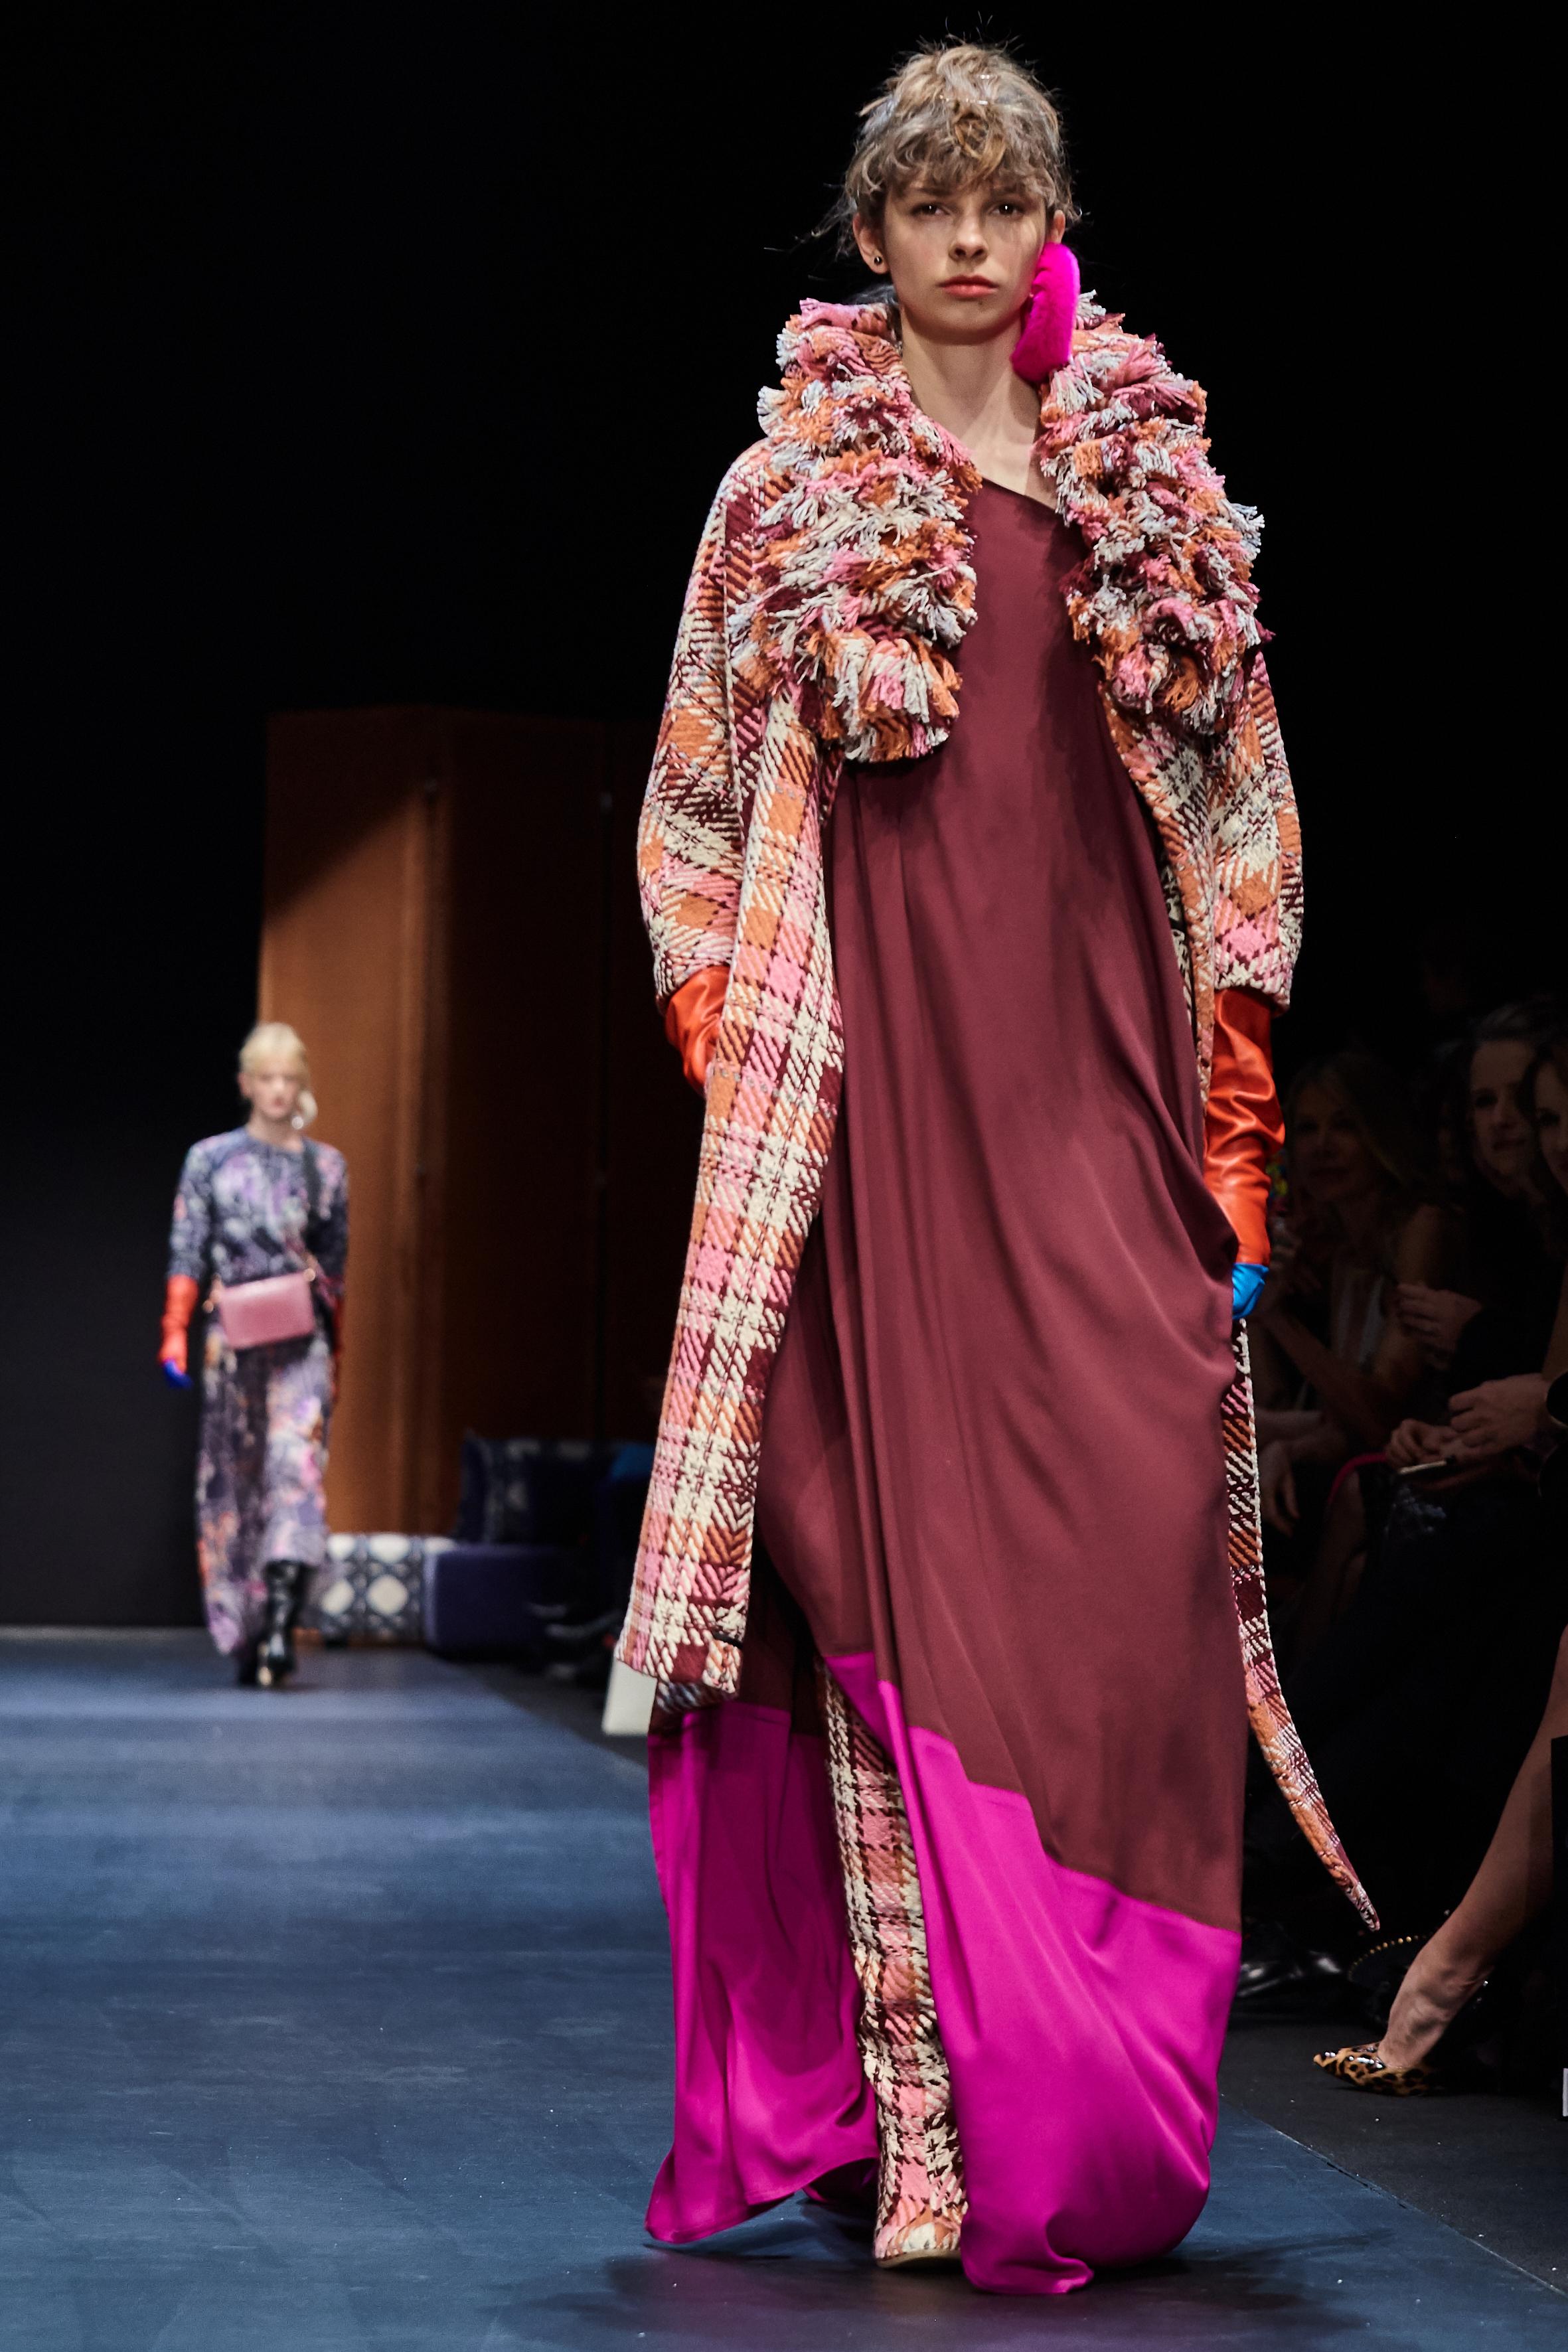 Looks_DawidTomaszewski_FashionWeekAW2018-19_HeidiRondak 5.jpg